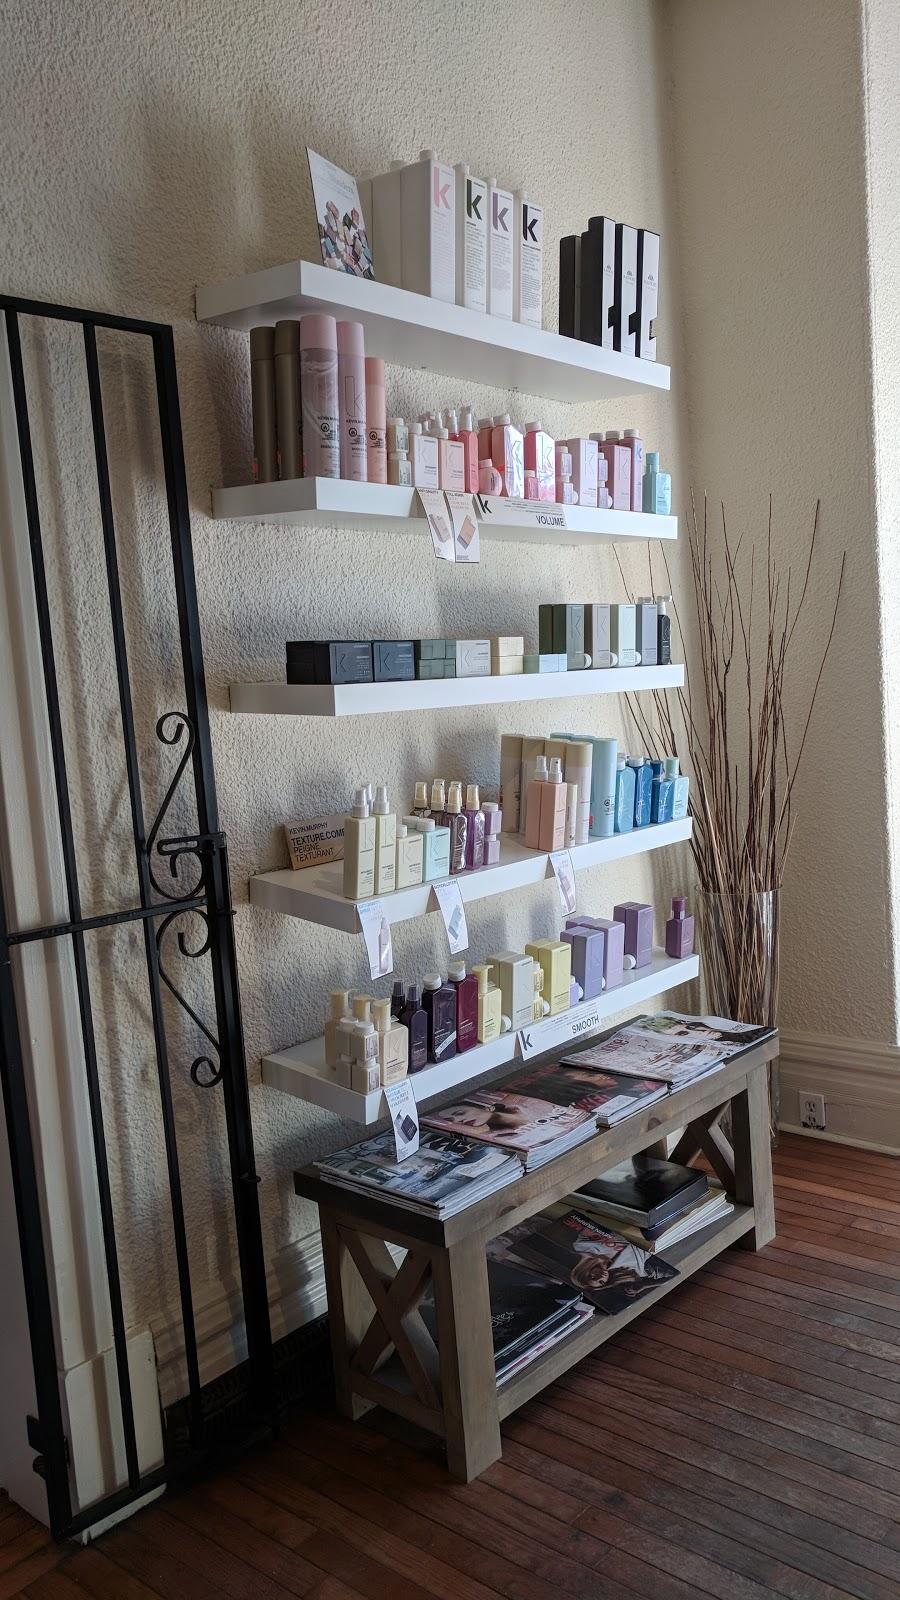 Raymond and Associates Hair Systems   hair care   477 Main St E, Hamilton, ON L8N 1K1, Canada   9055294500 OR +1 905-529-4500